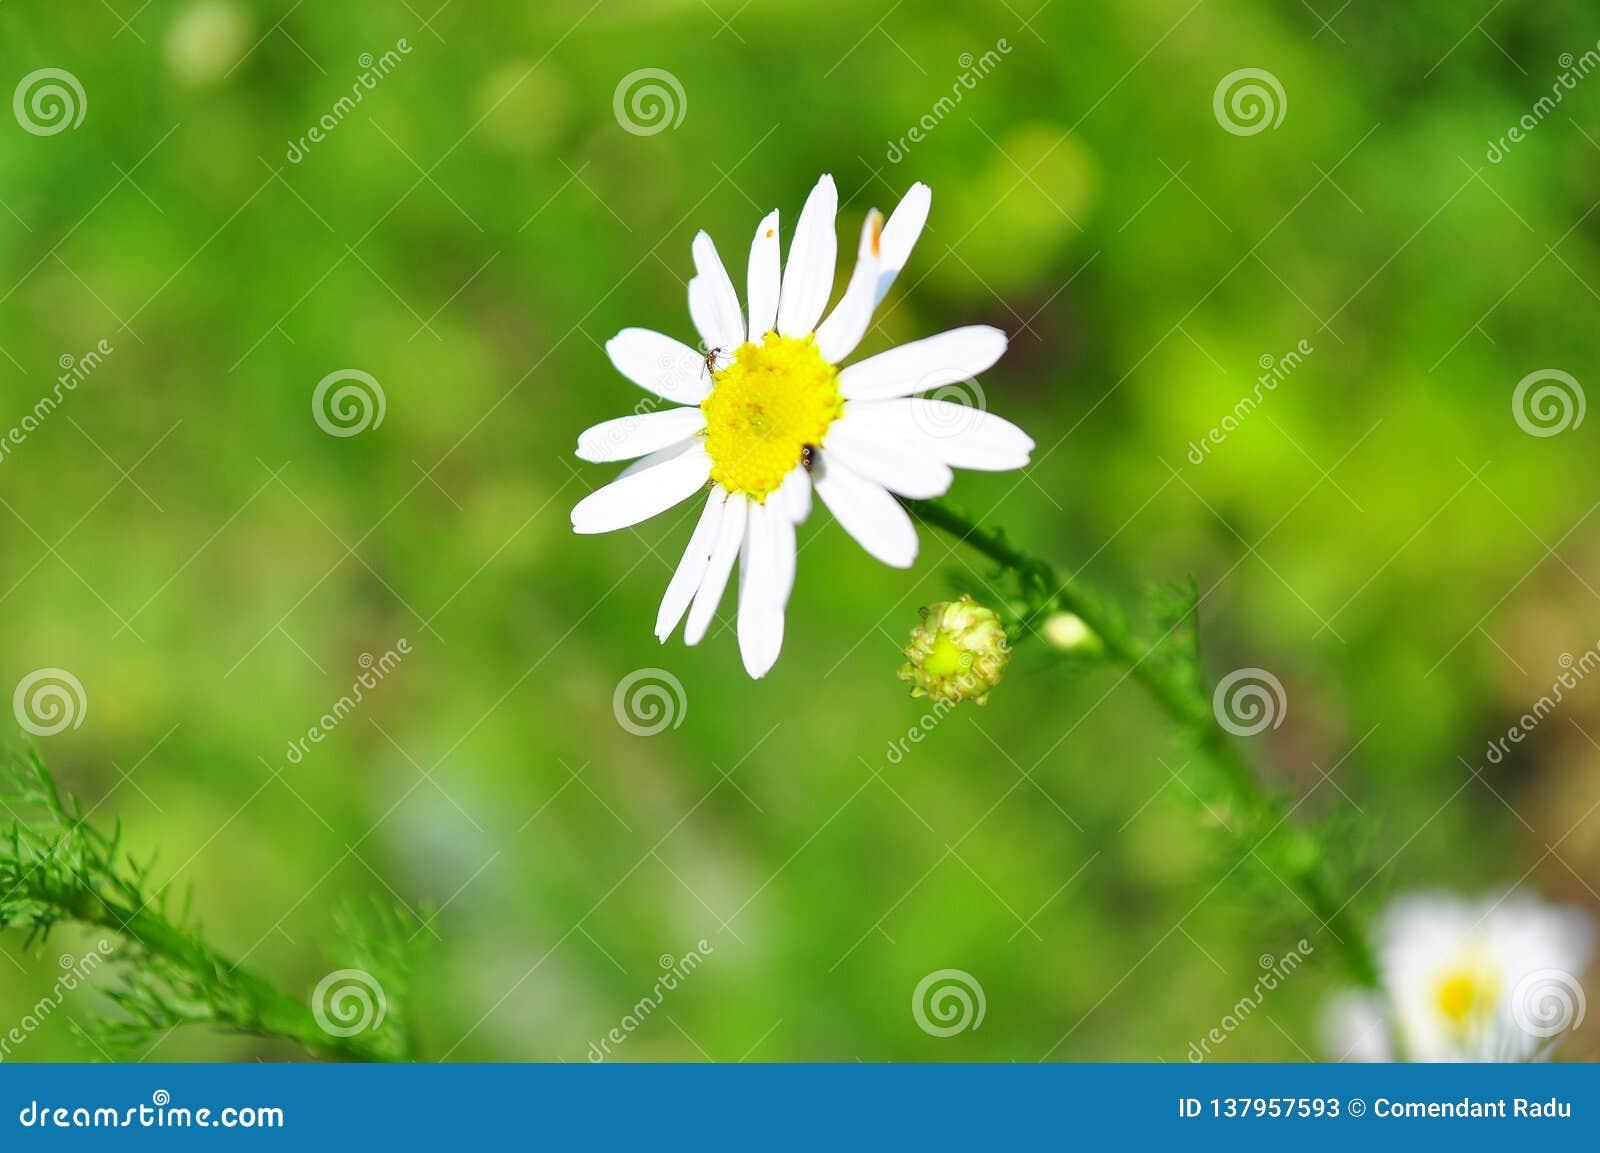 Camomila cercada por um campo verde